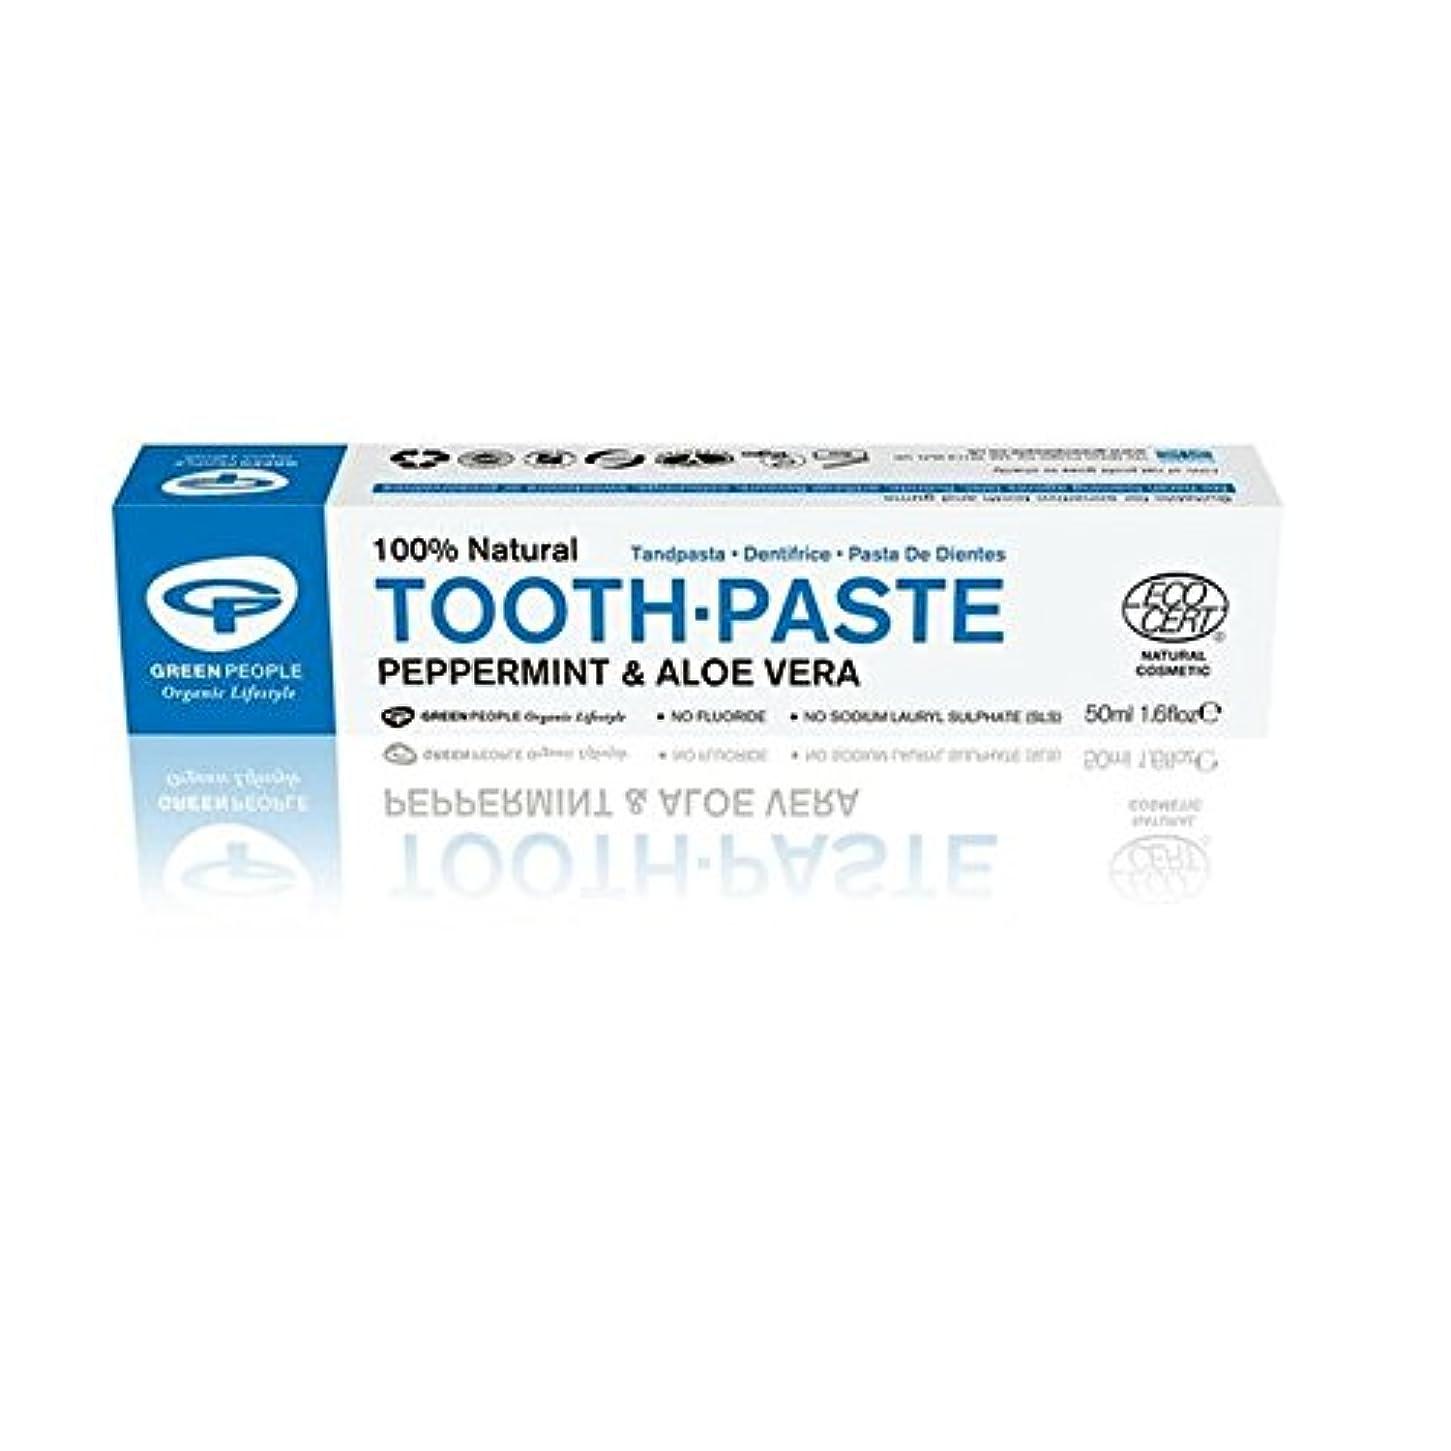 一部成り立つ減少緑の人々の自然ミント歯磨き粉50ミリリットル x2 - Green People Natural Mint Toothpaste 50ml (Pack of 2) [並行輸入品]